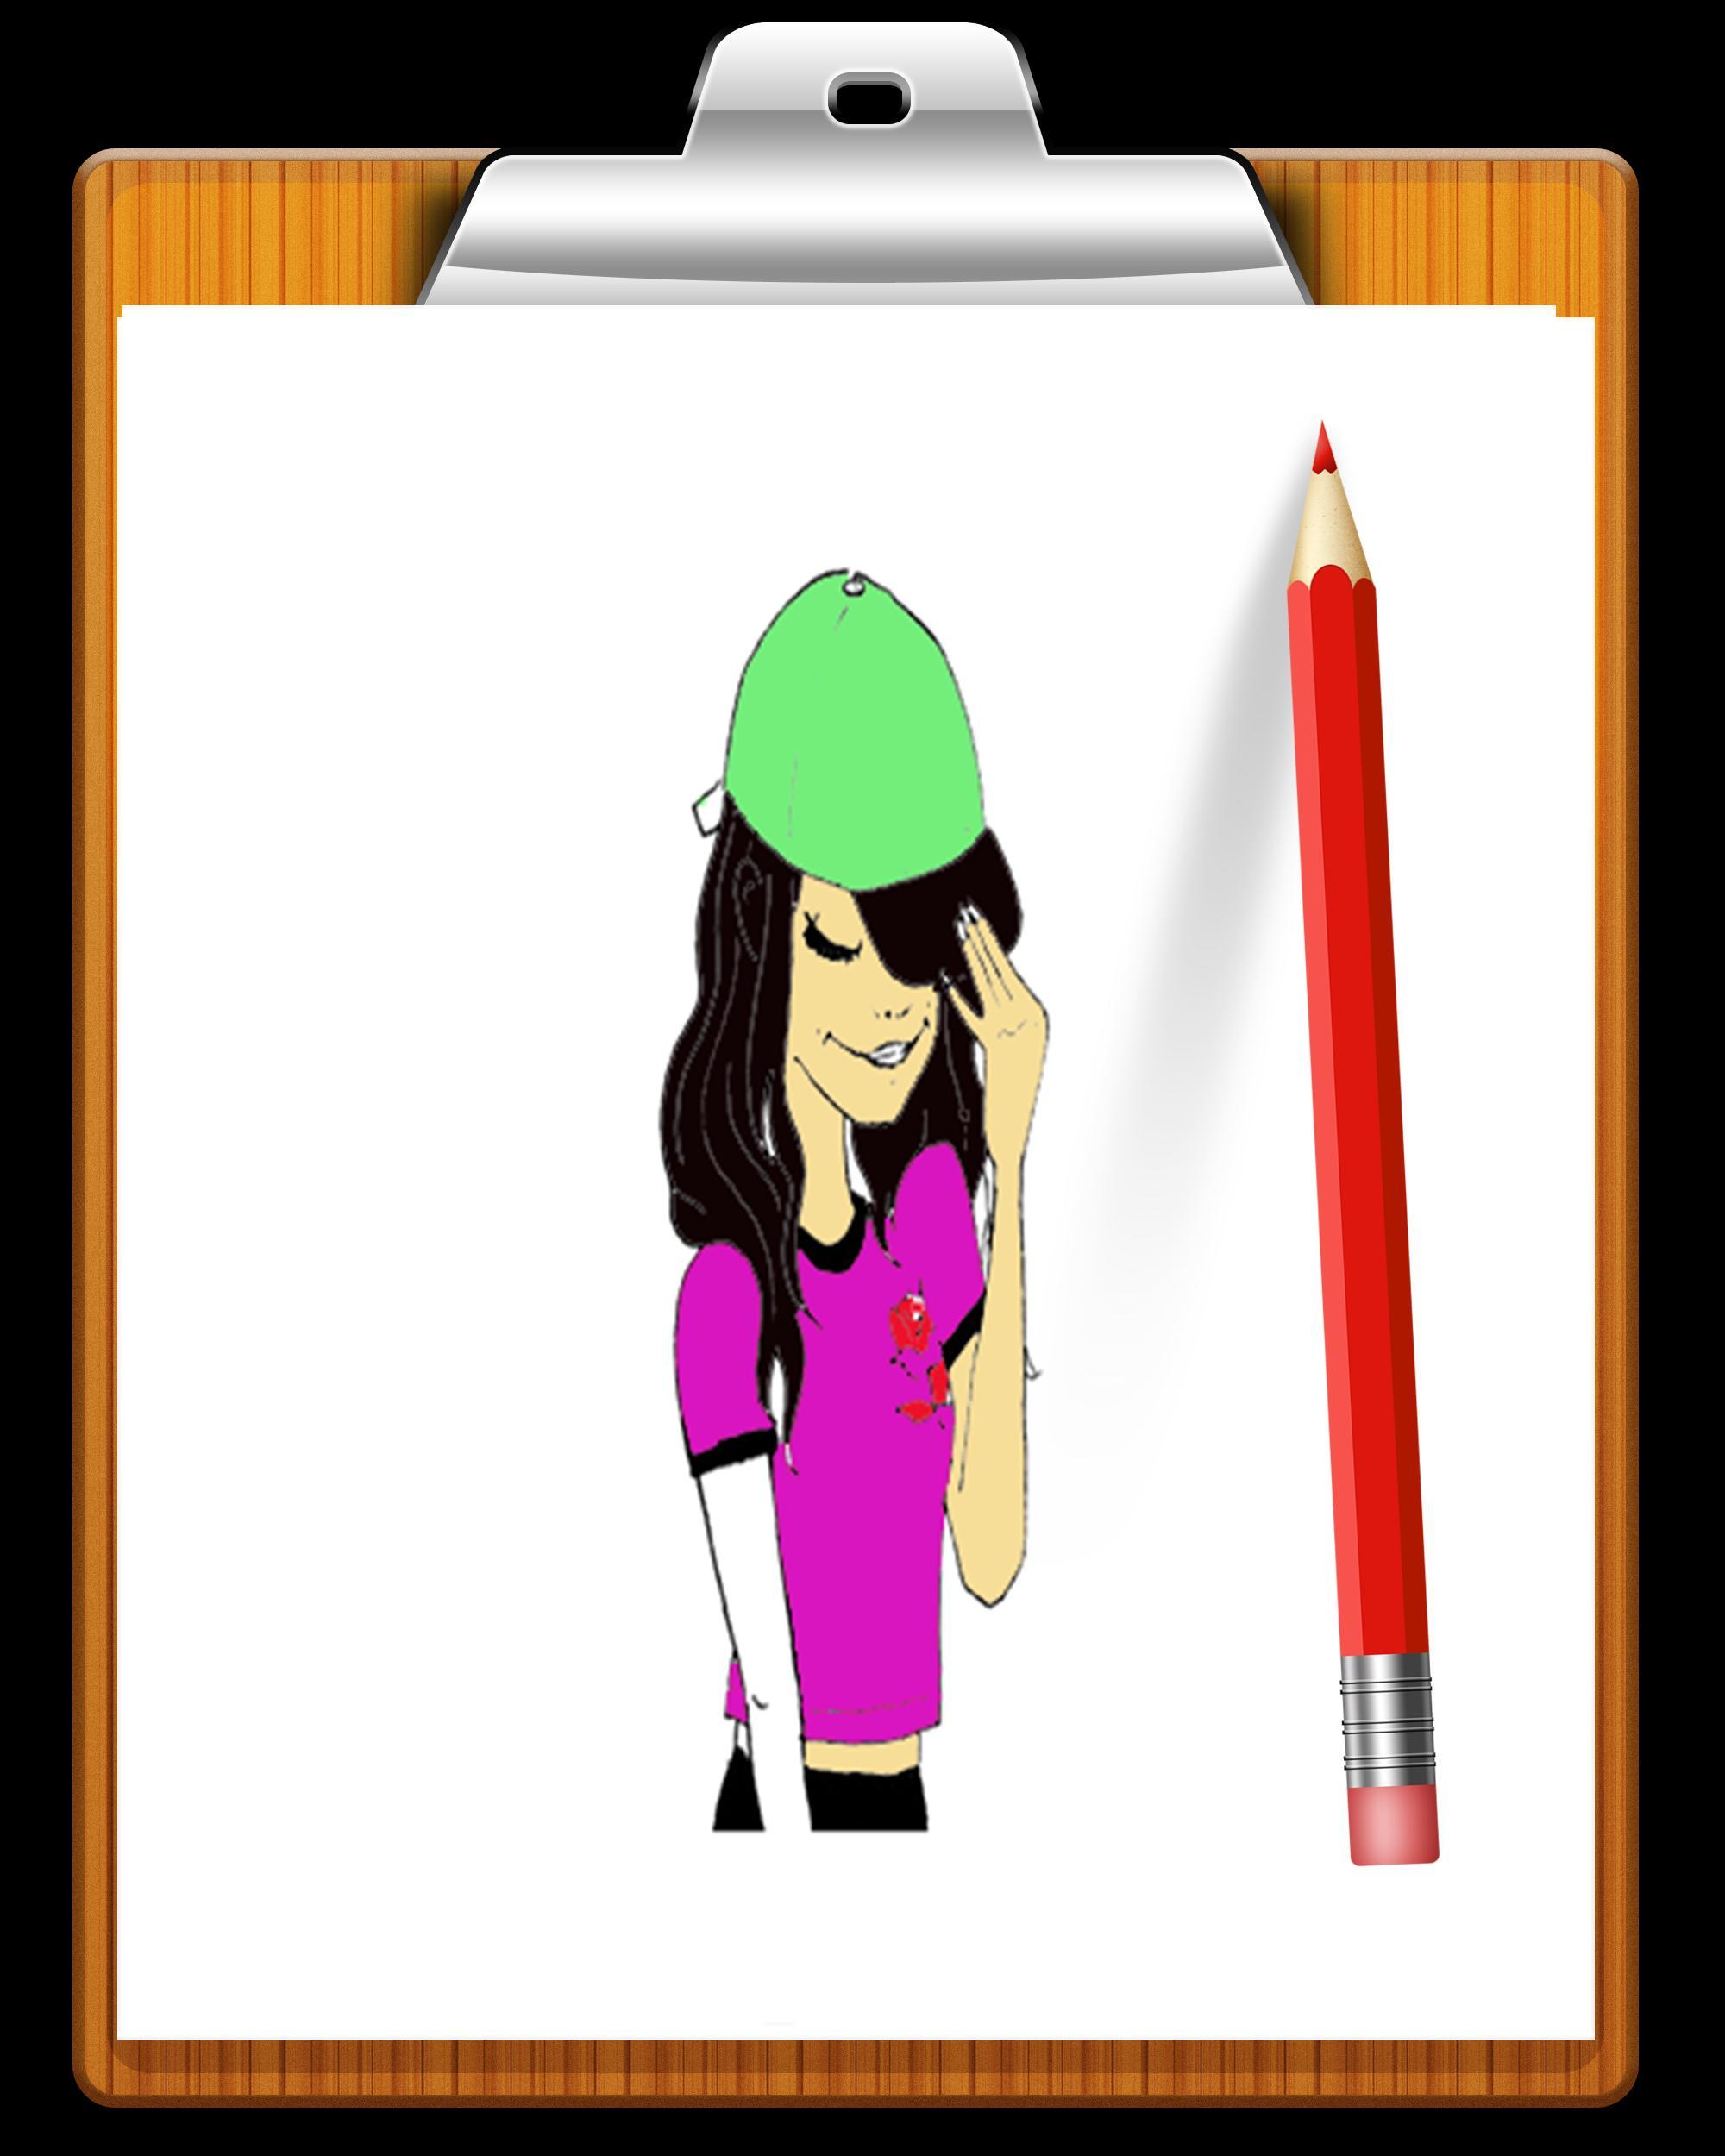 Cómo Dibujar Soy Luna Y Colorear For Android Apk Download